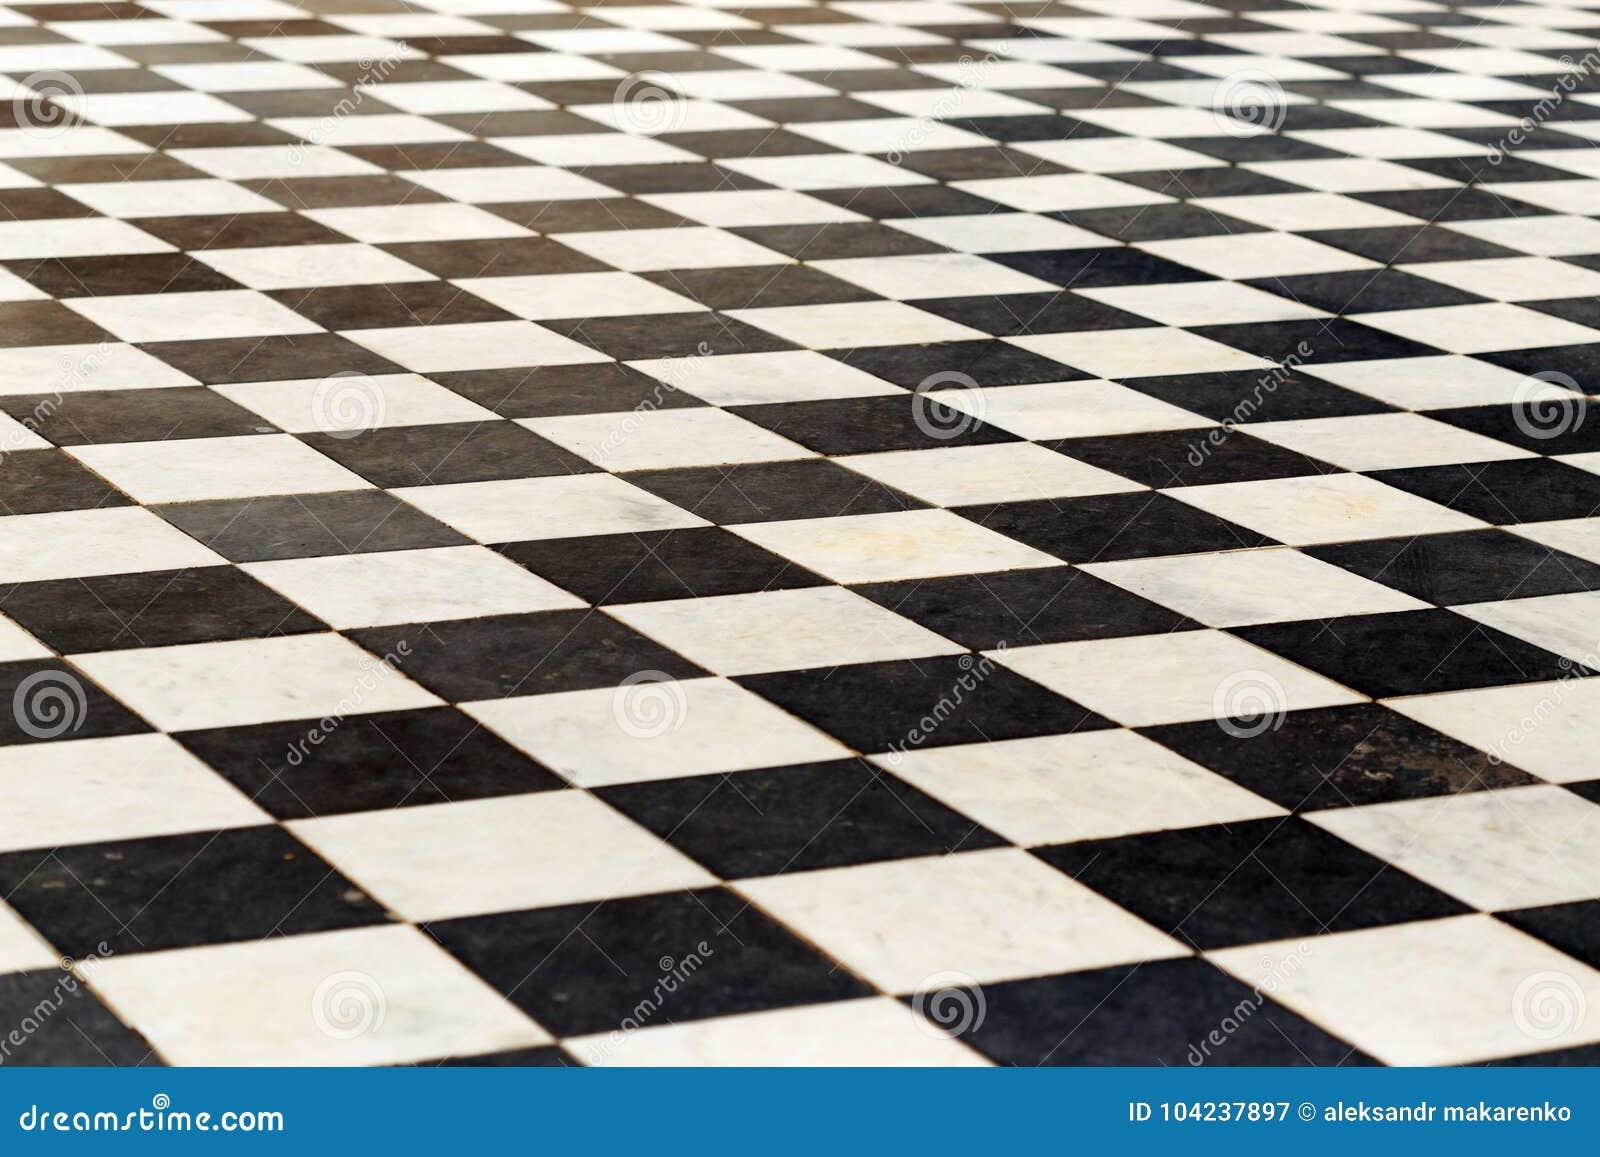 Zwart Wit Vloertegels.Vloertegels Op Een Schaakbord Het Perspectief Is Zwart Wit